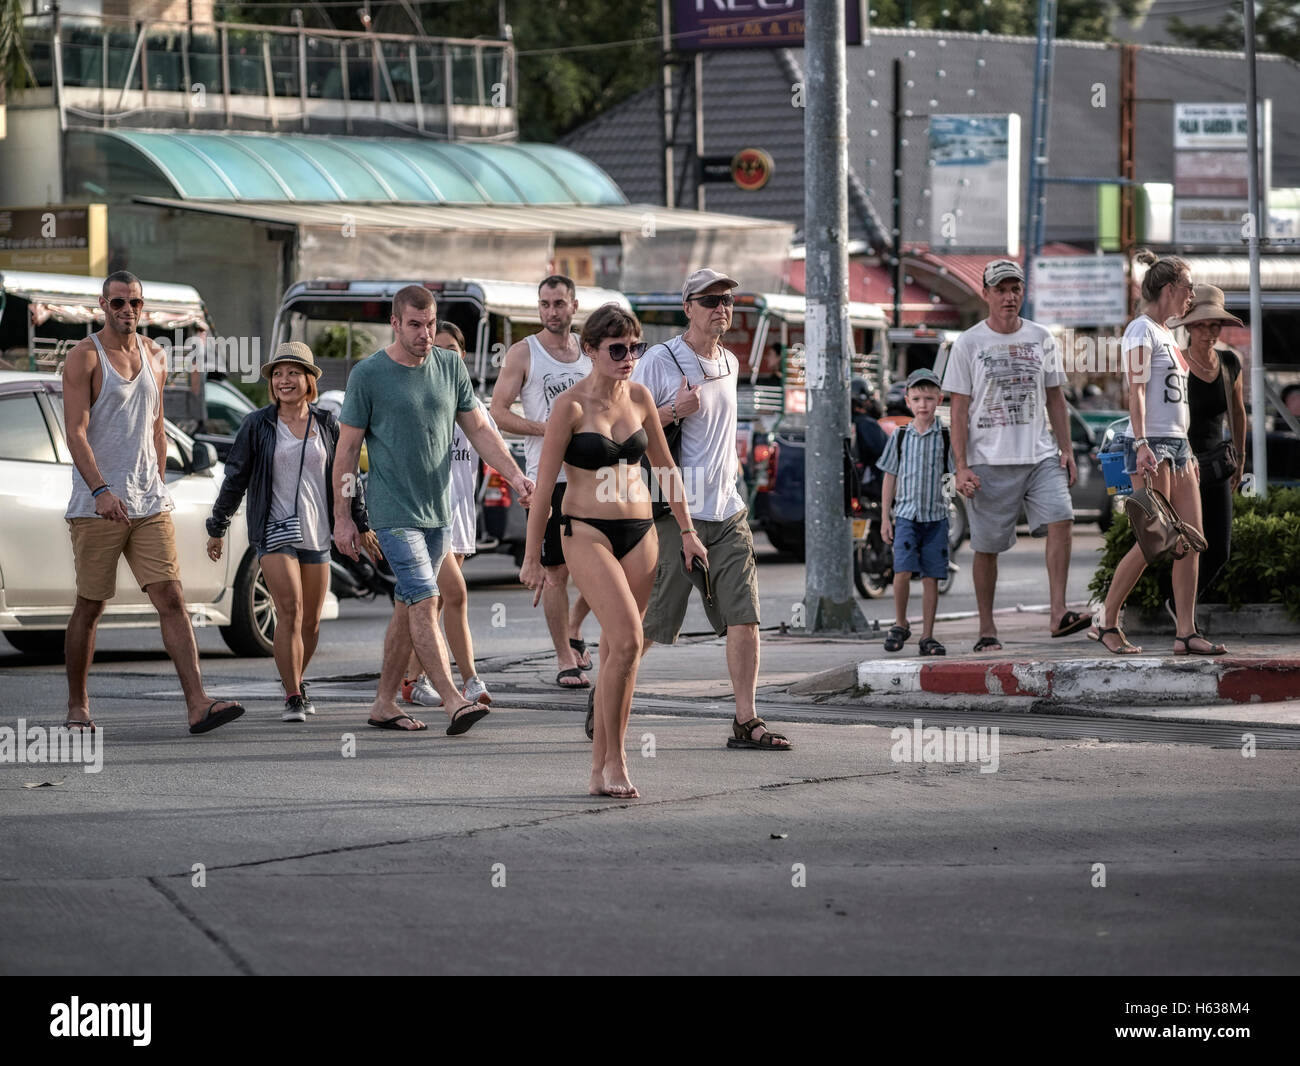 Mode Faux Pas eines Bikini bekleidete Frau auf der Straße Zeichnung ...